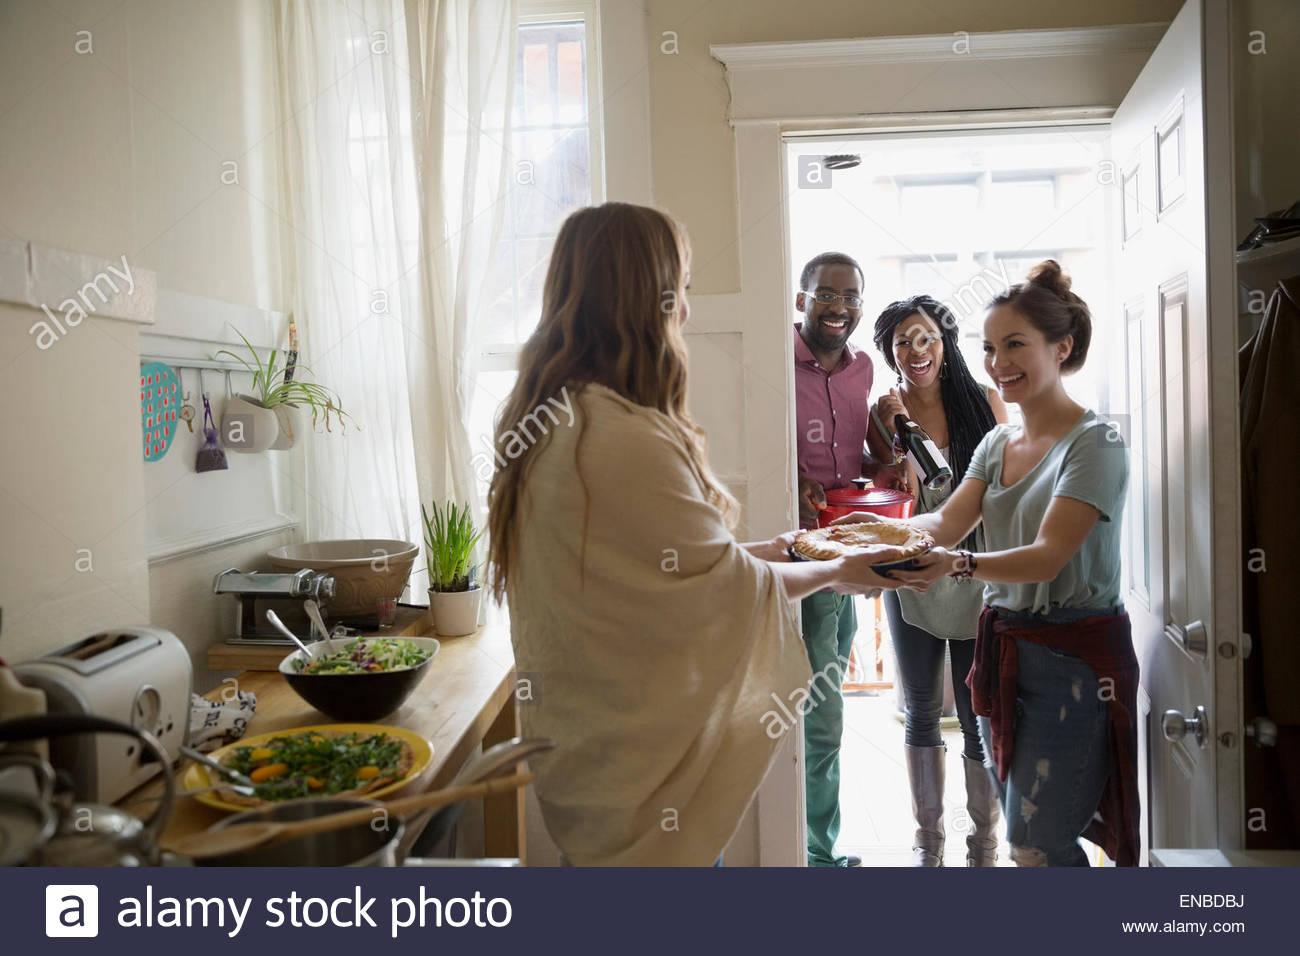 La donna saluto amici arrivando per potluck dinner party Immagini Stock